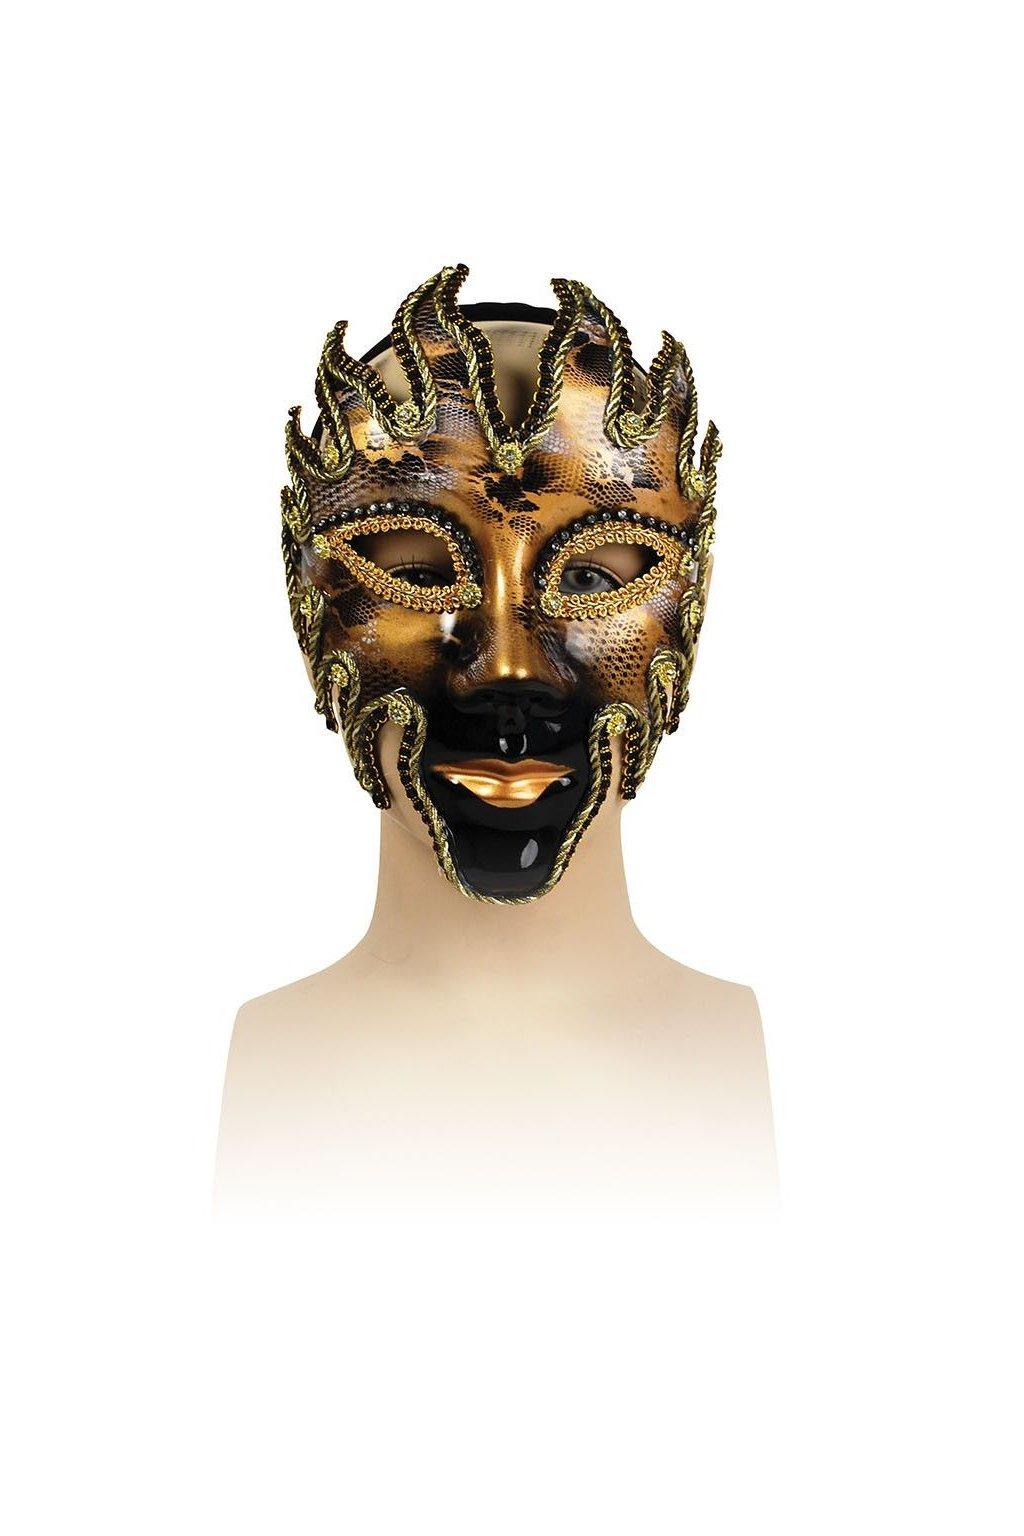 Benátská maska - černozlatý plamen - výprodej